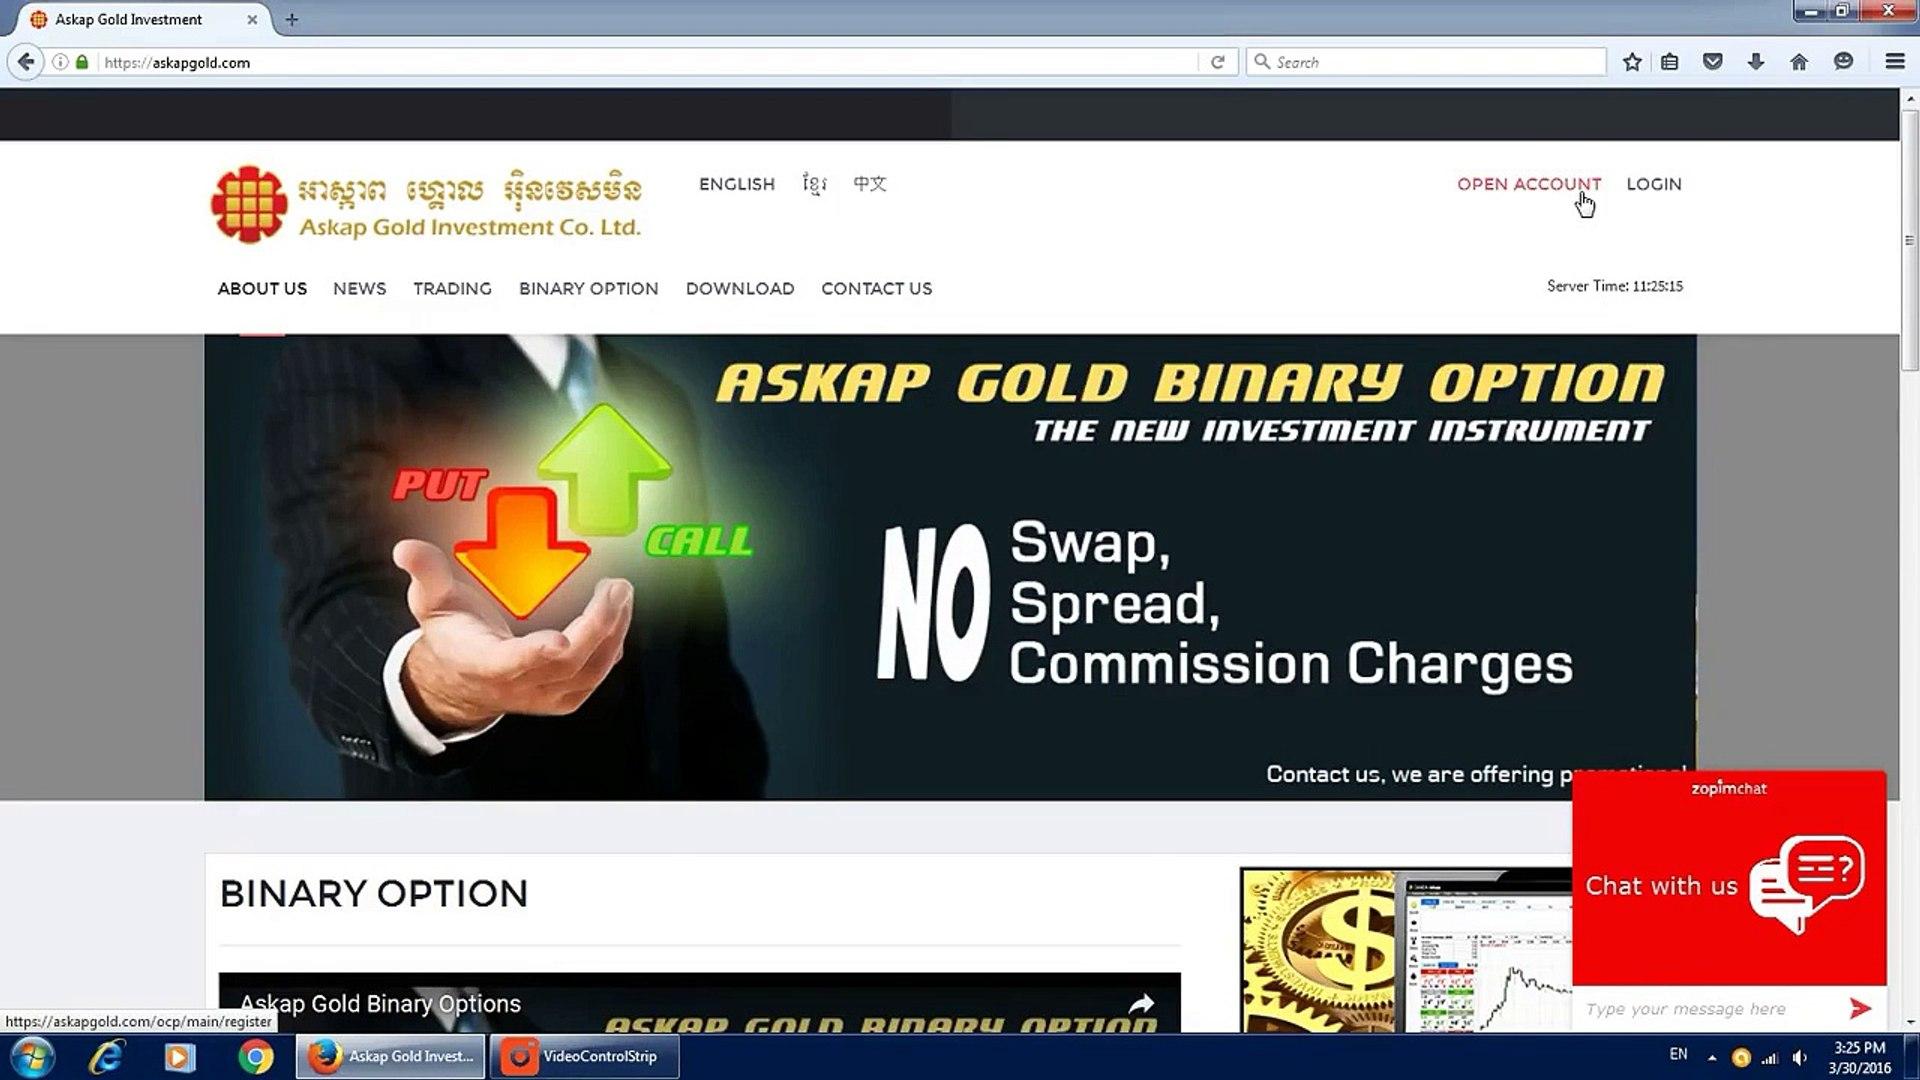 askap gold investment capital ltd